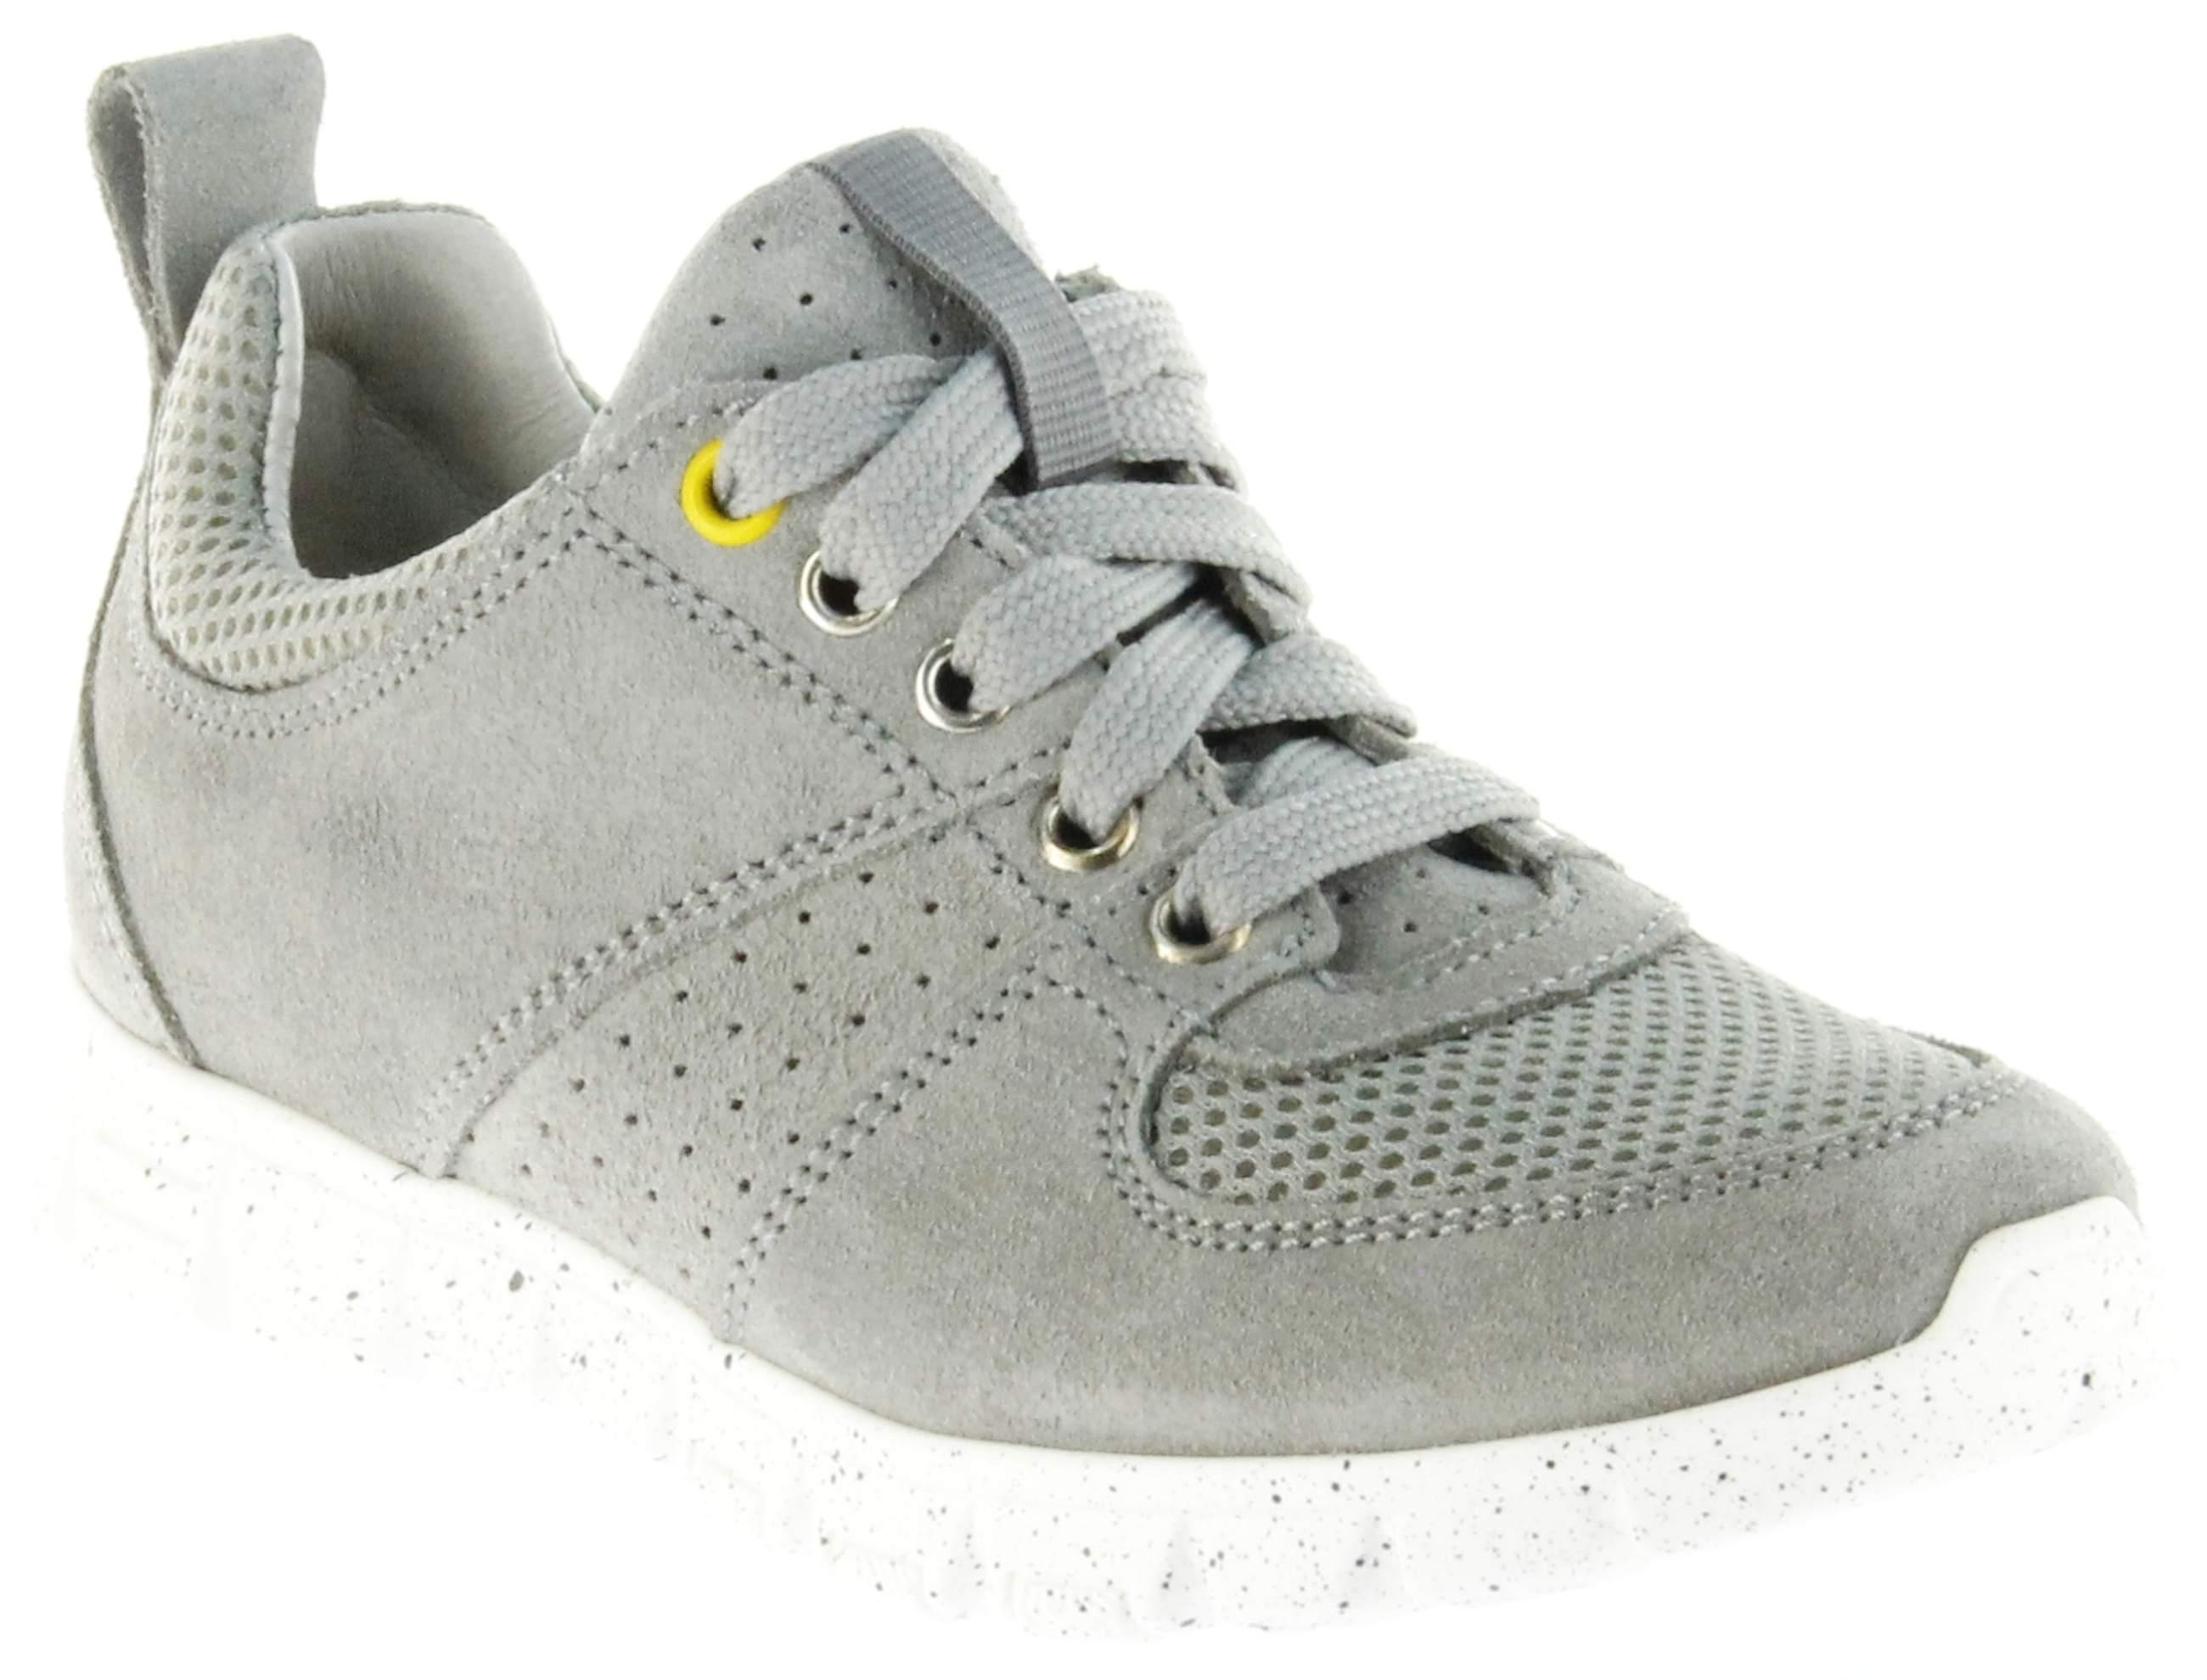 Richter Kinder Halbschuhe Sneaker grau Velourleder Jungen Schuhe 6622 141 6101 rock Run